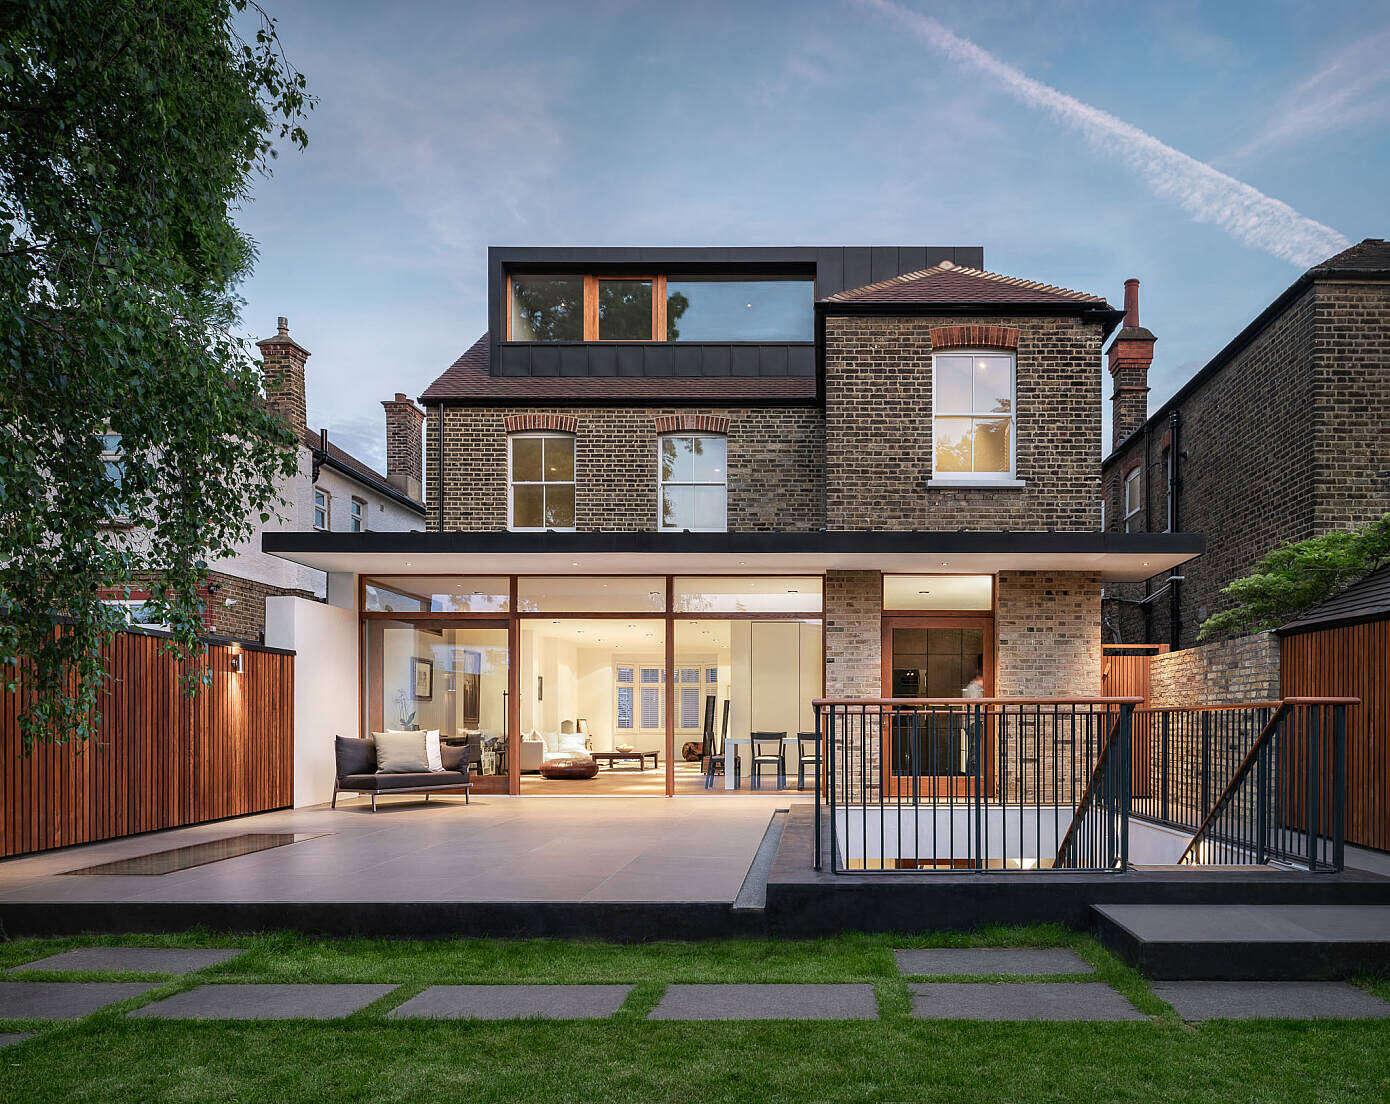 Downton Avenue House by Rado Iliev